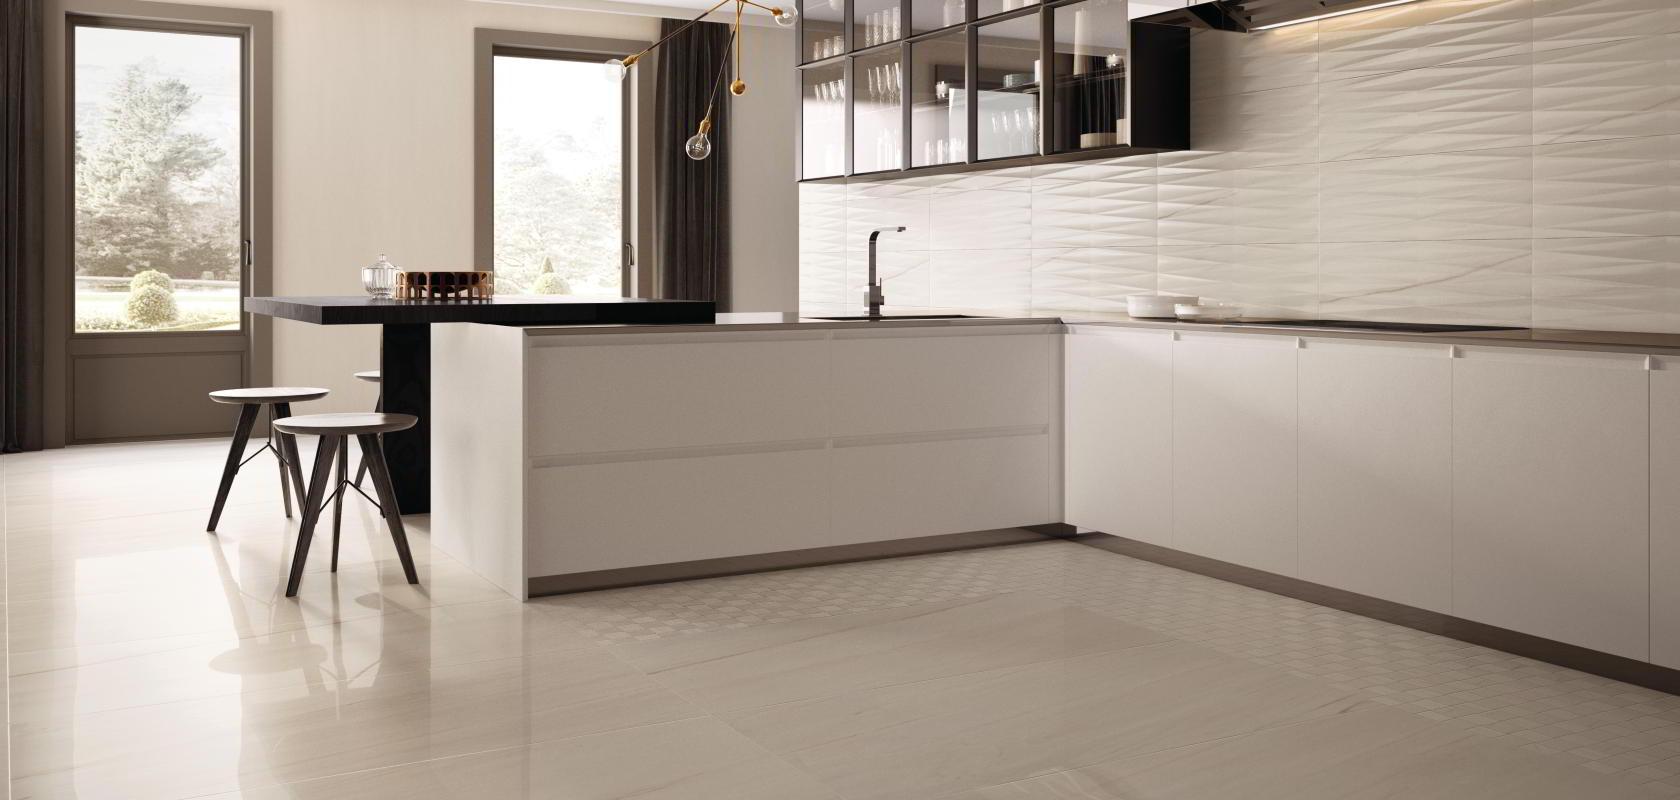 Cirelli arredo bagno scegli mobili bagno made in italy da - Cirelli arredo bagno ...